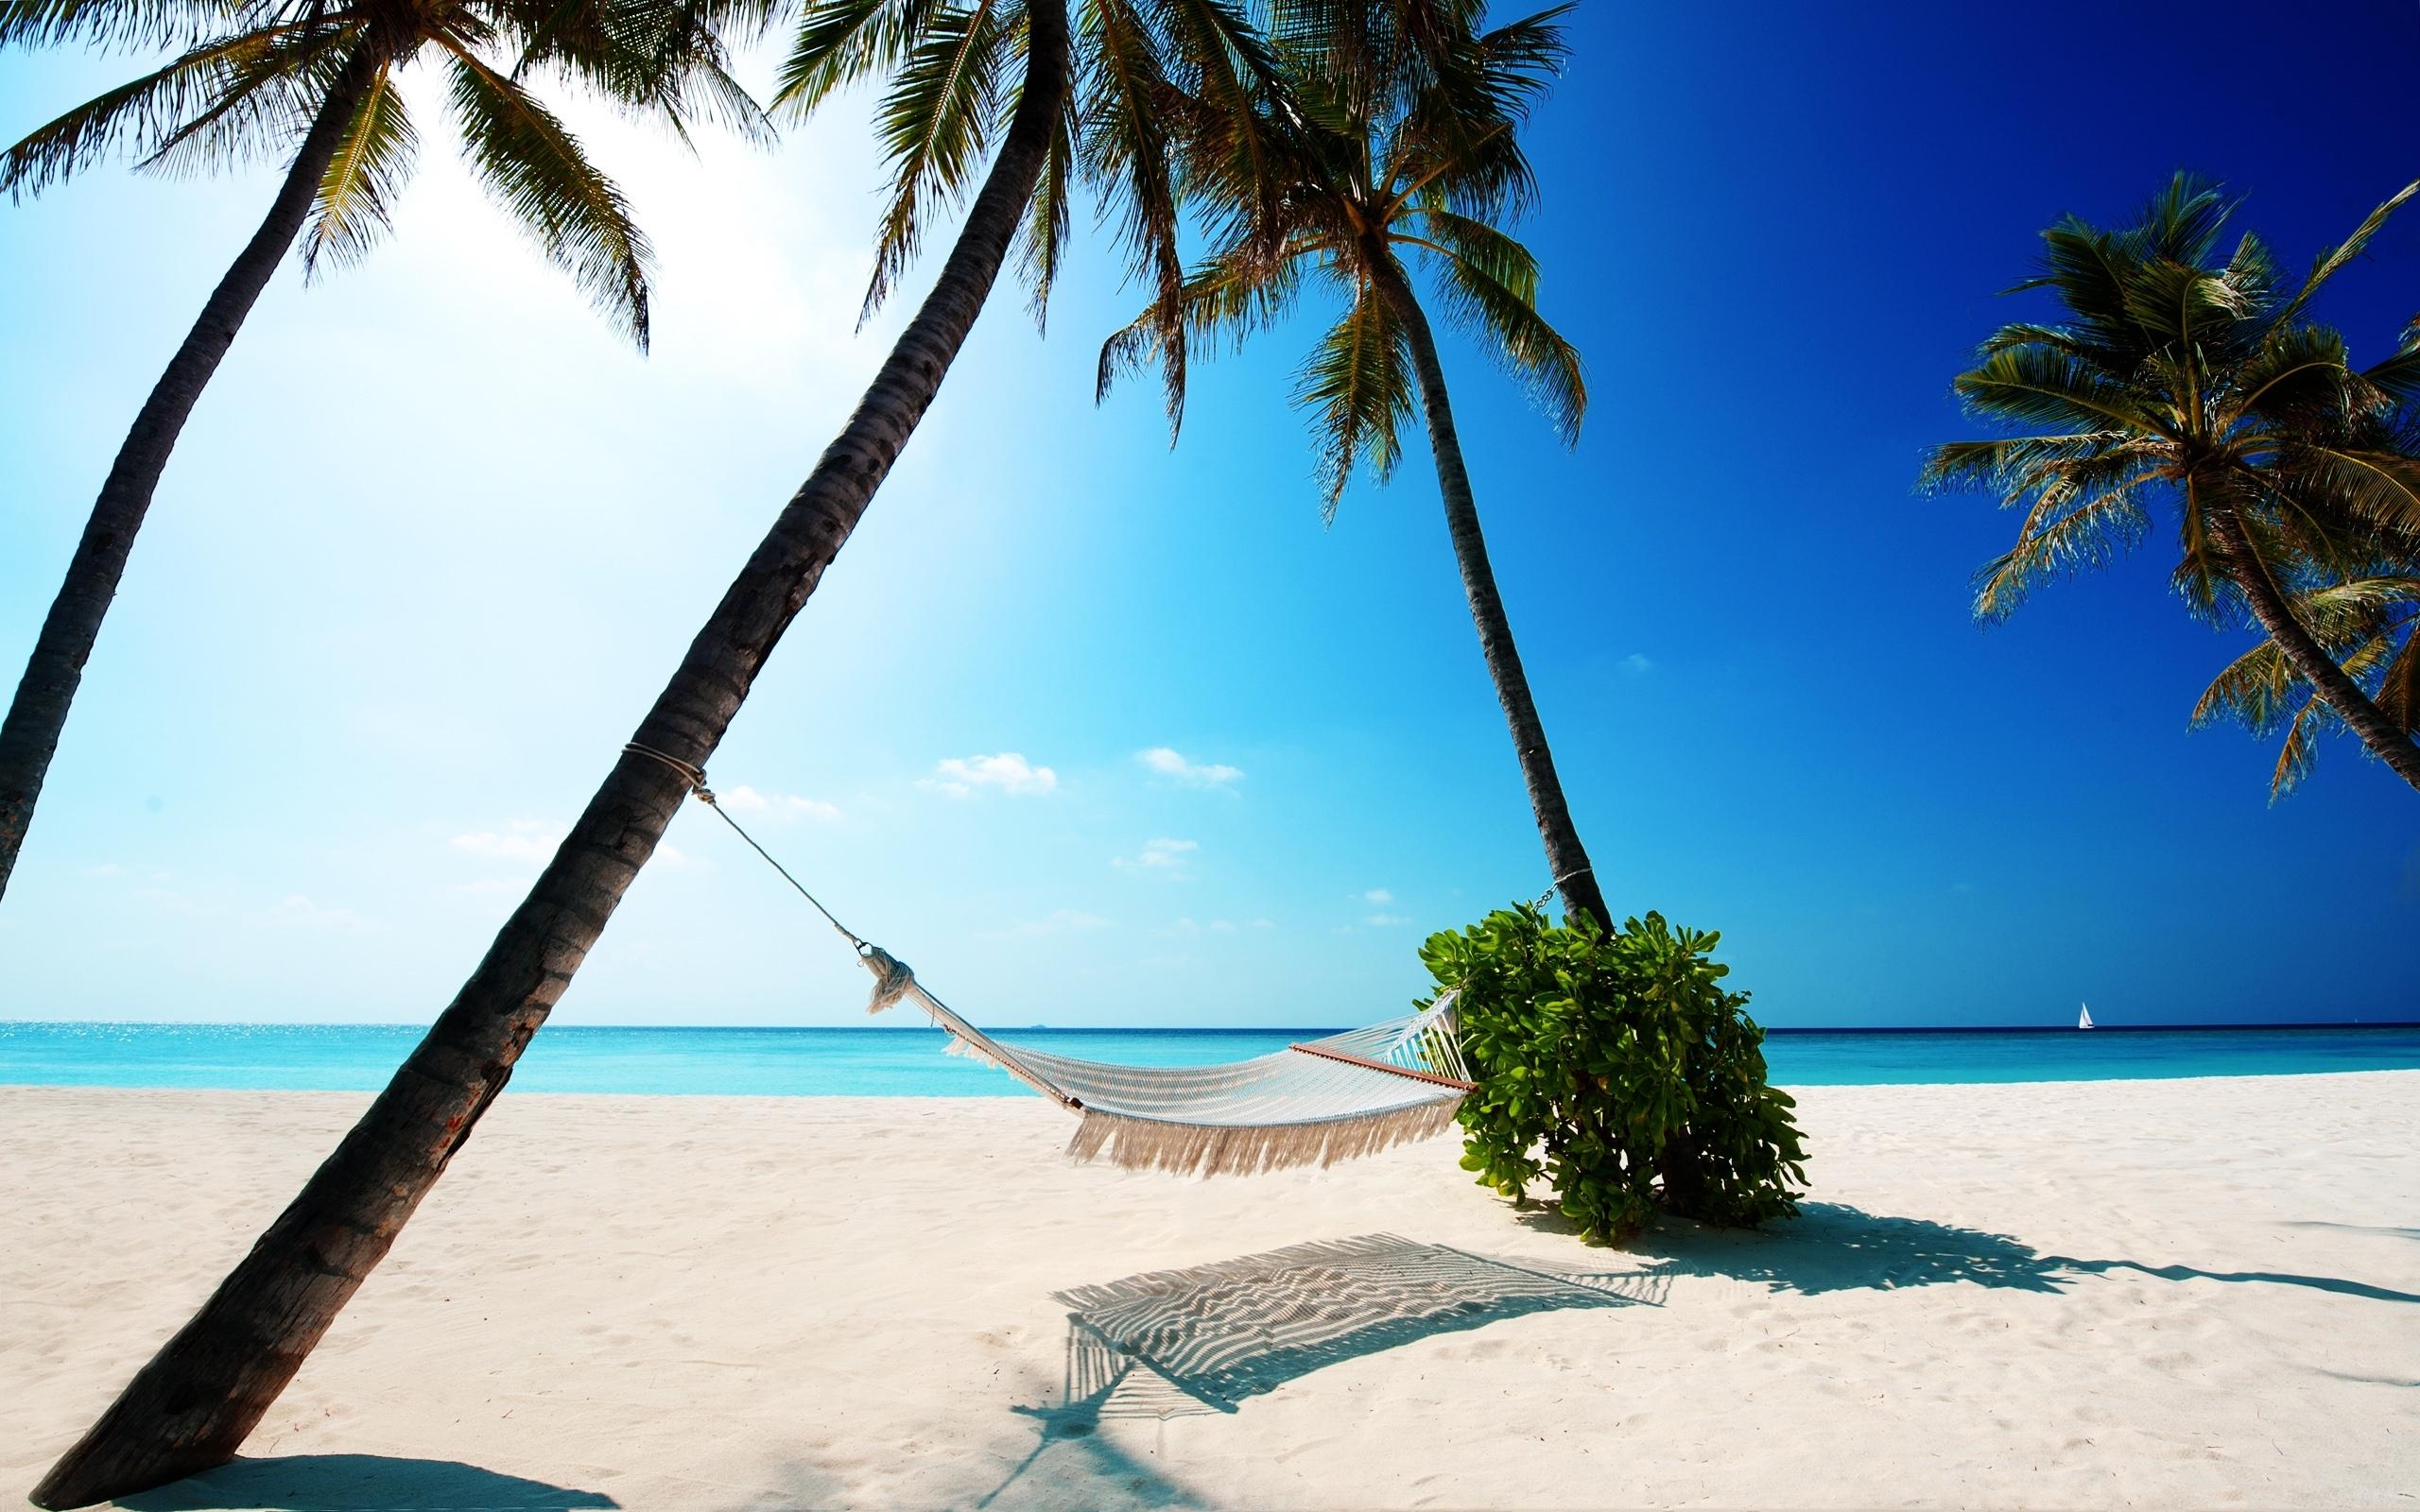 17479 скачать обои Пейзаж, Море, Пляж, Пальмы - заставки и картинки бесплатно